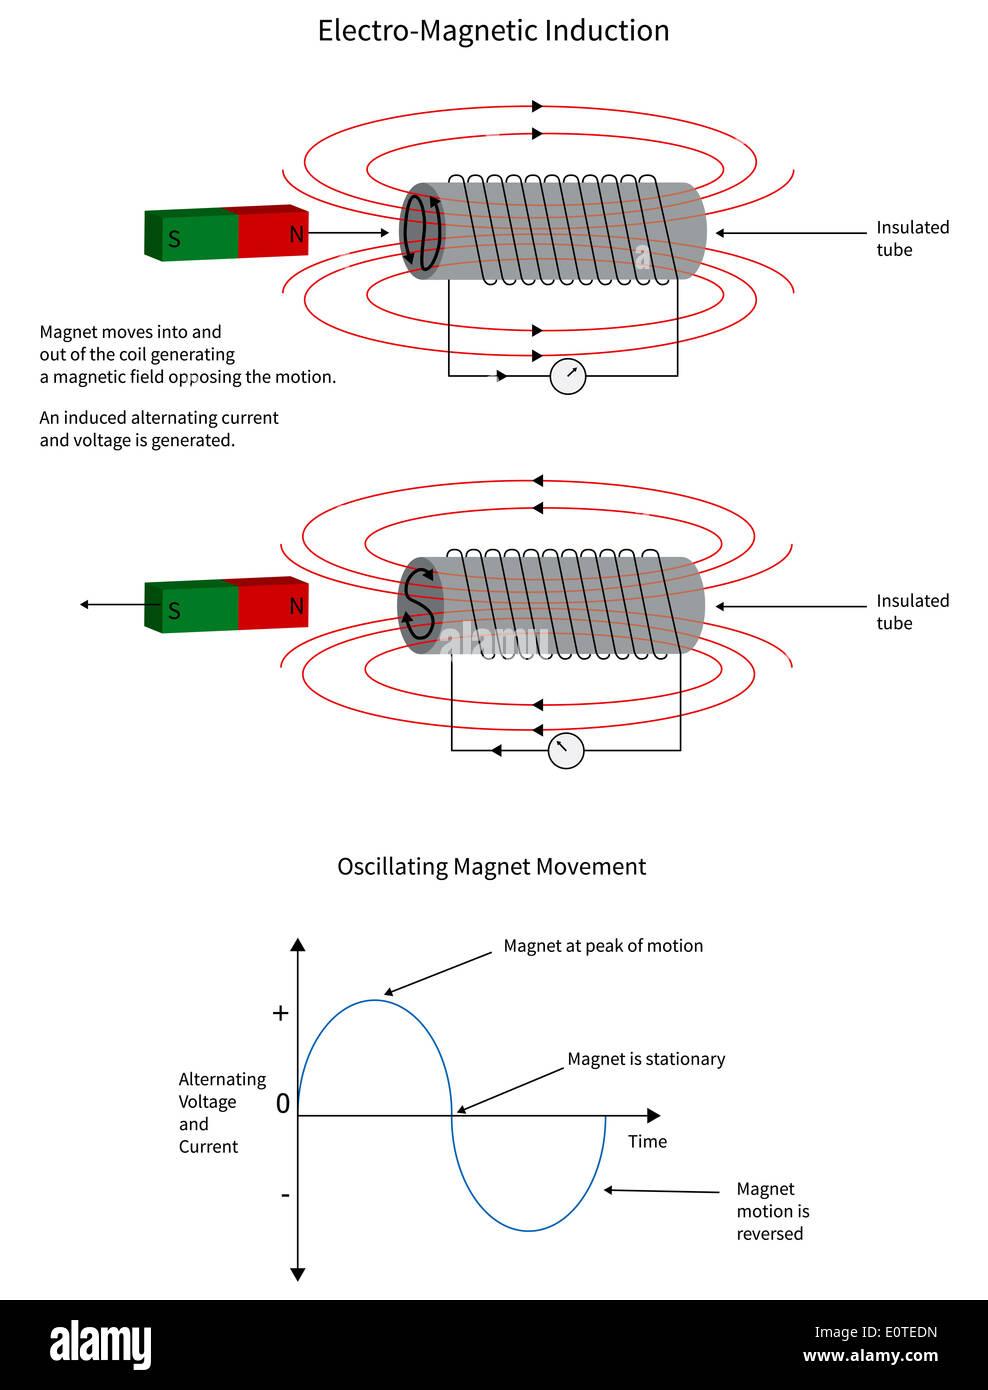 Fantastisch Magnet Draht Diagramm Galerie - Elektrische Schaltplan ...